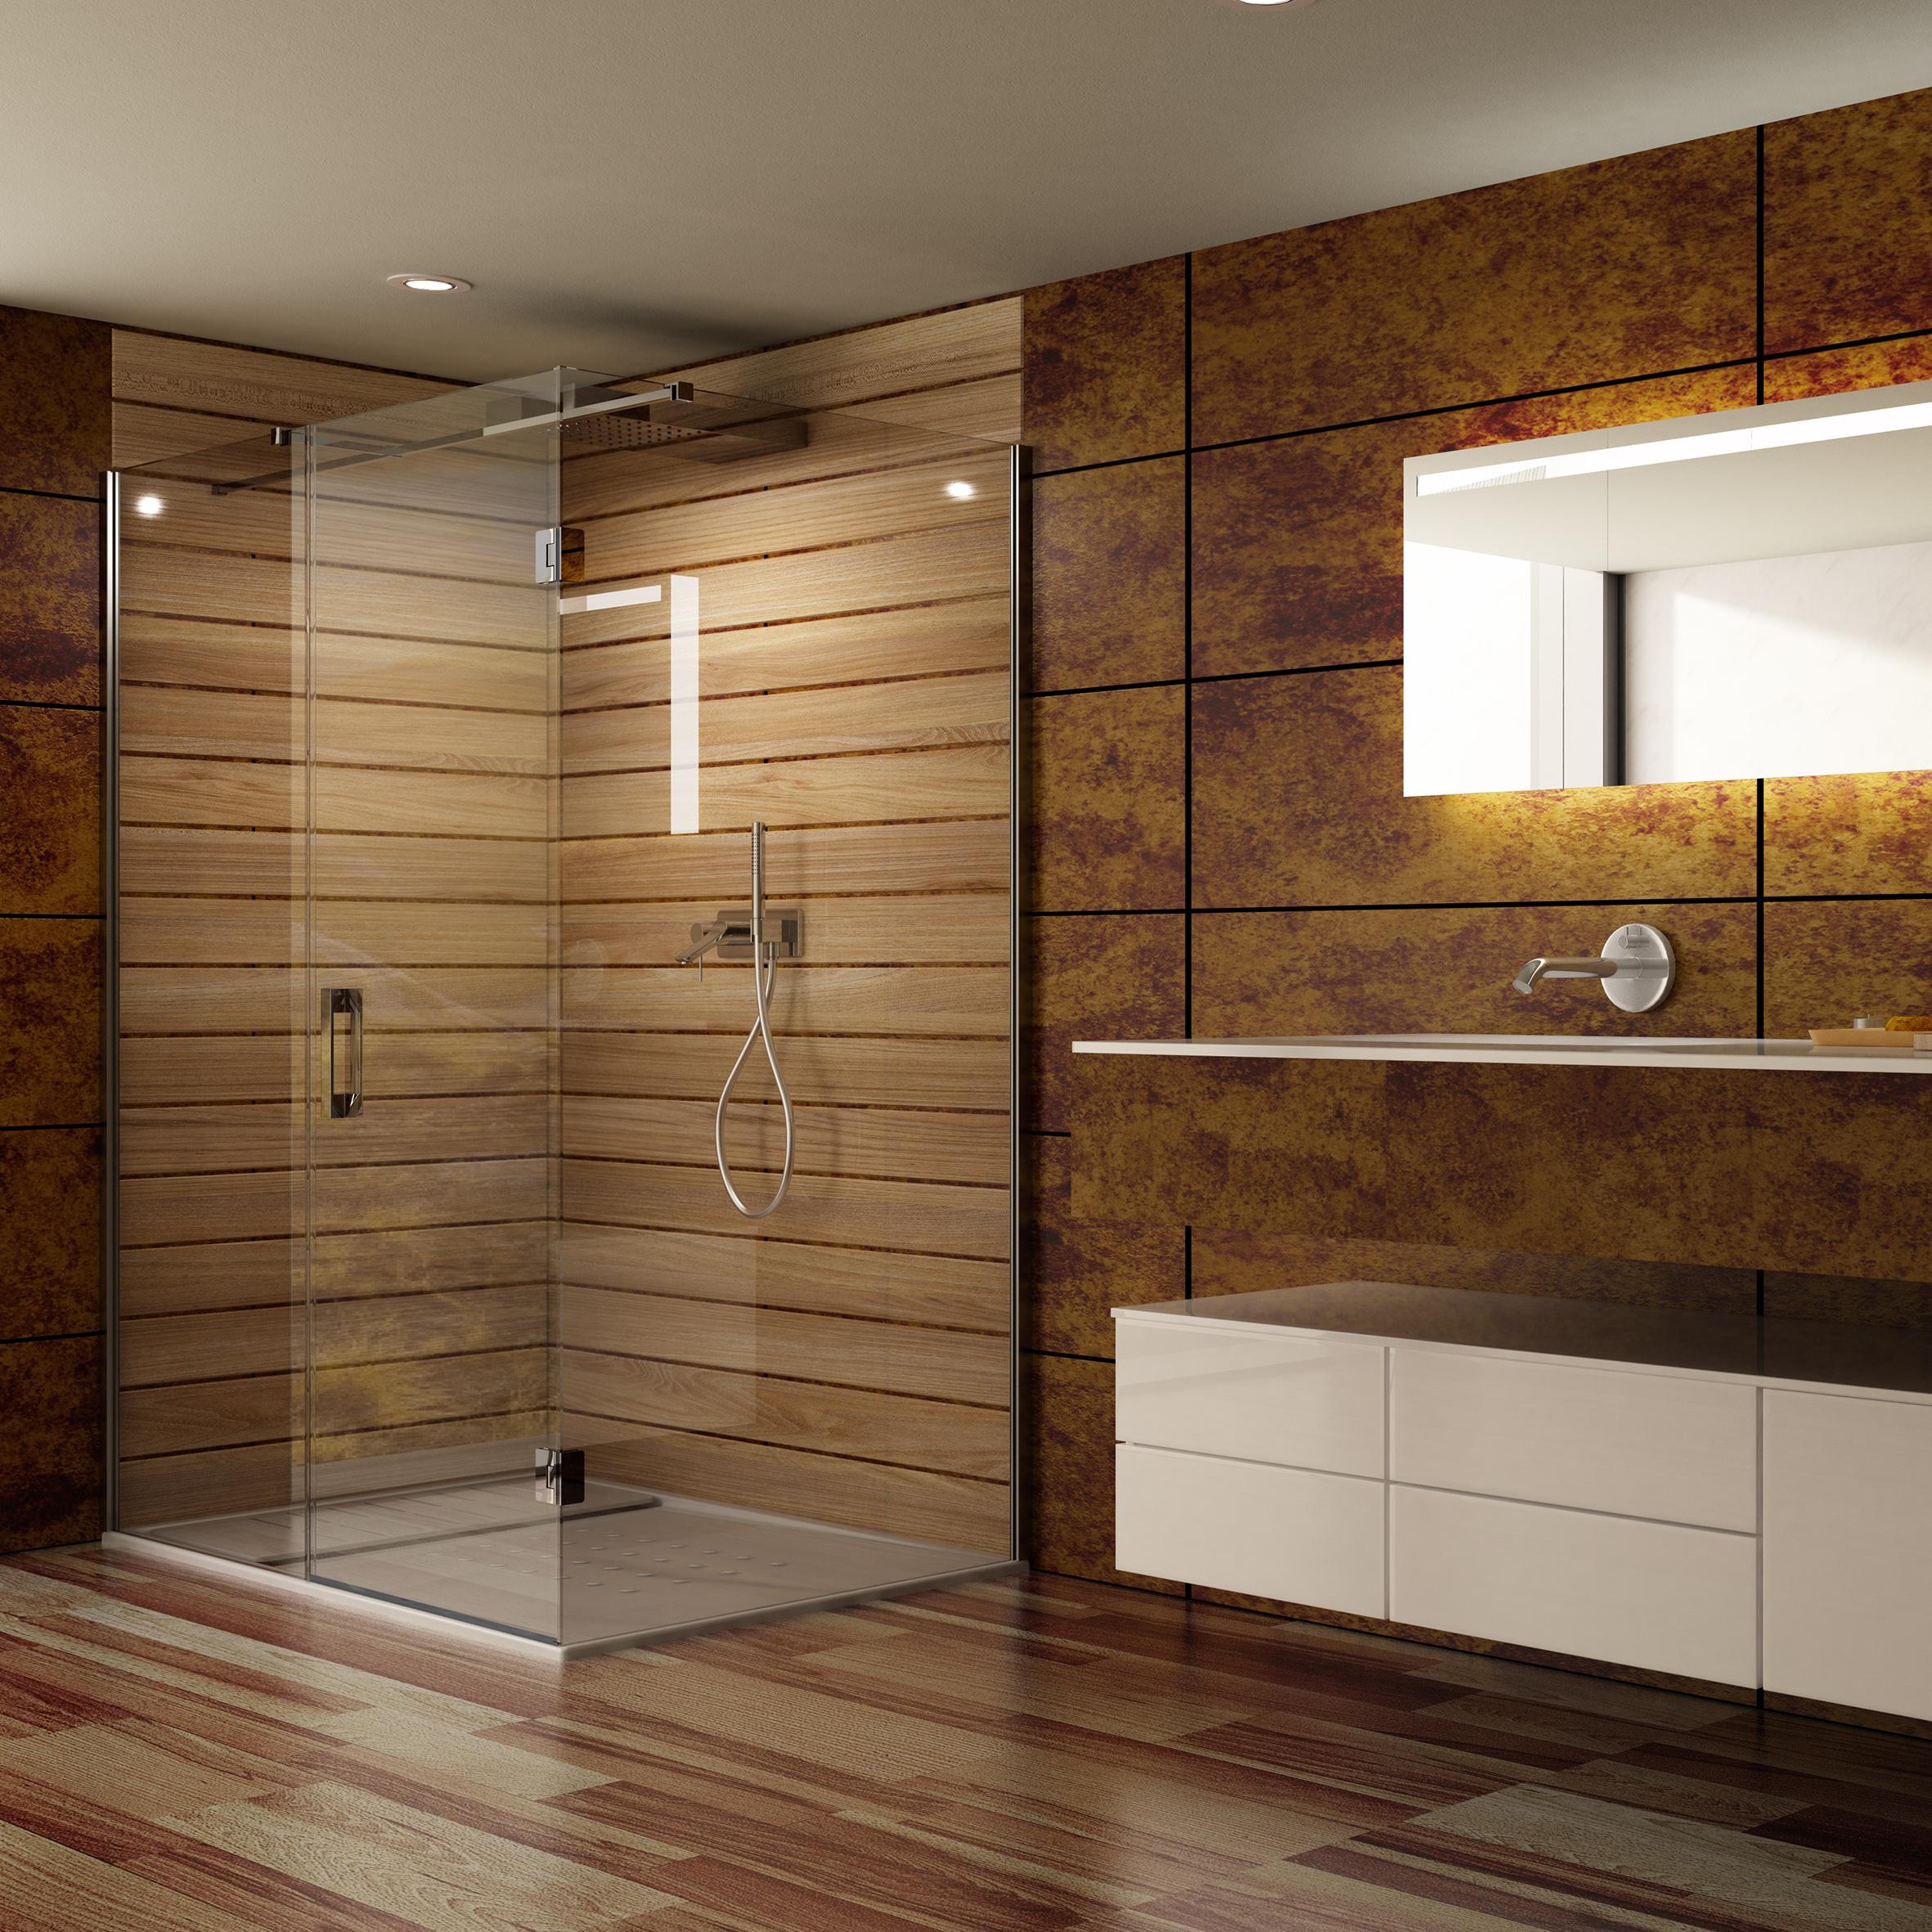 spaziamamparas-de-banomamparas-duchaproyecto-de-banoreformas-de-banobanos-a-medidatres-cantos-6